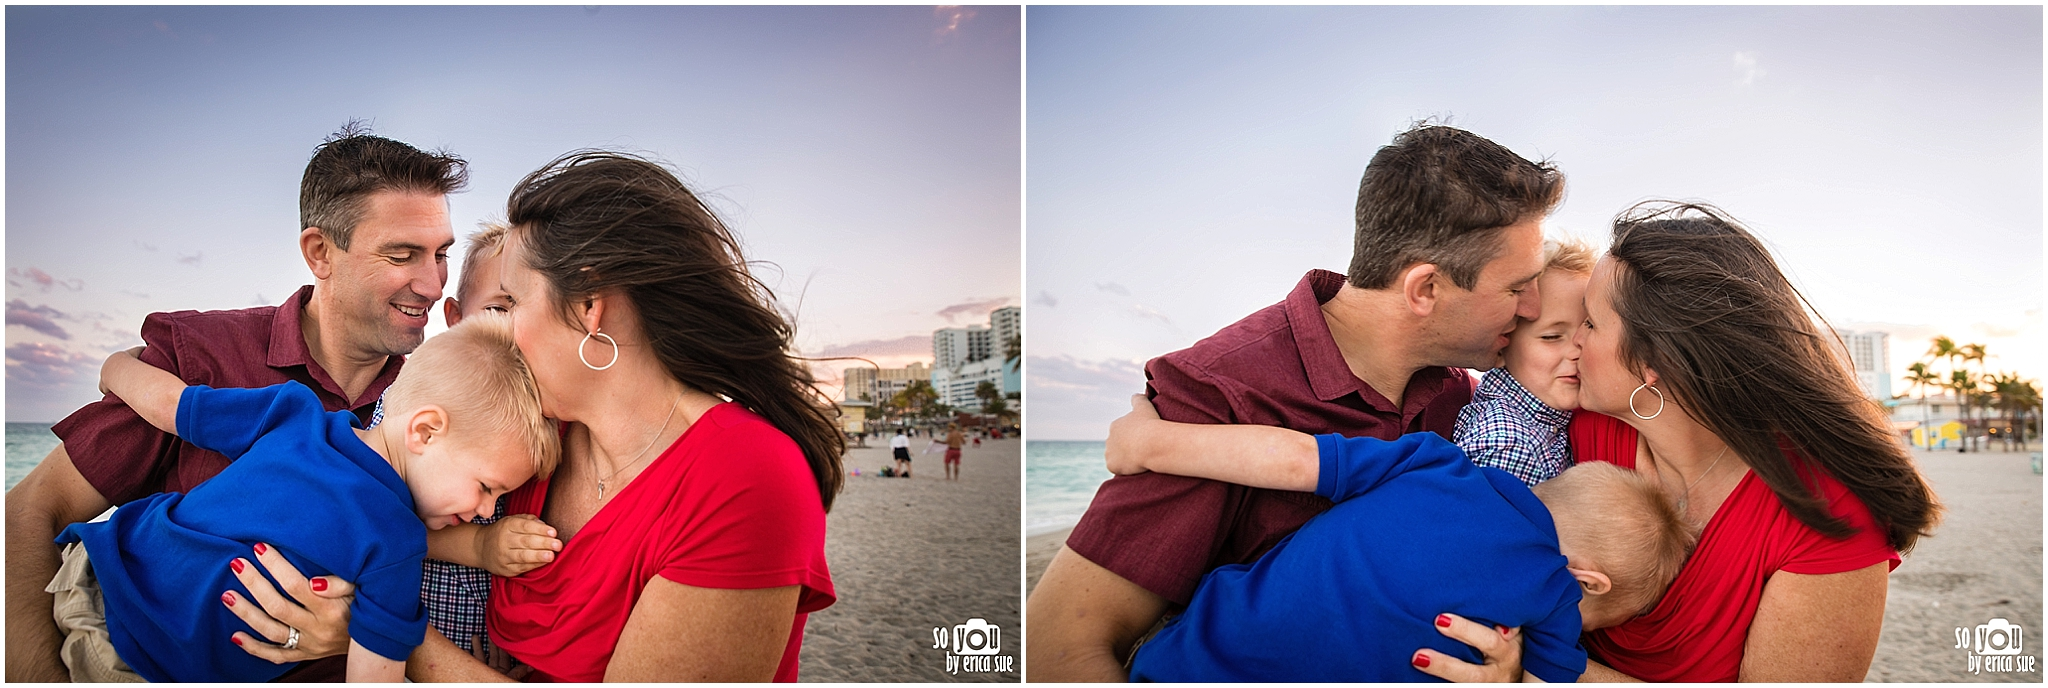 hollywood-beach-lifestyle-family-photography-0252 (2).jpg